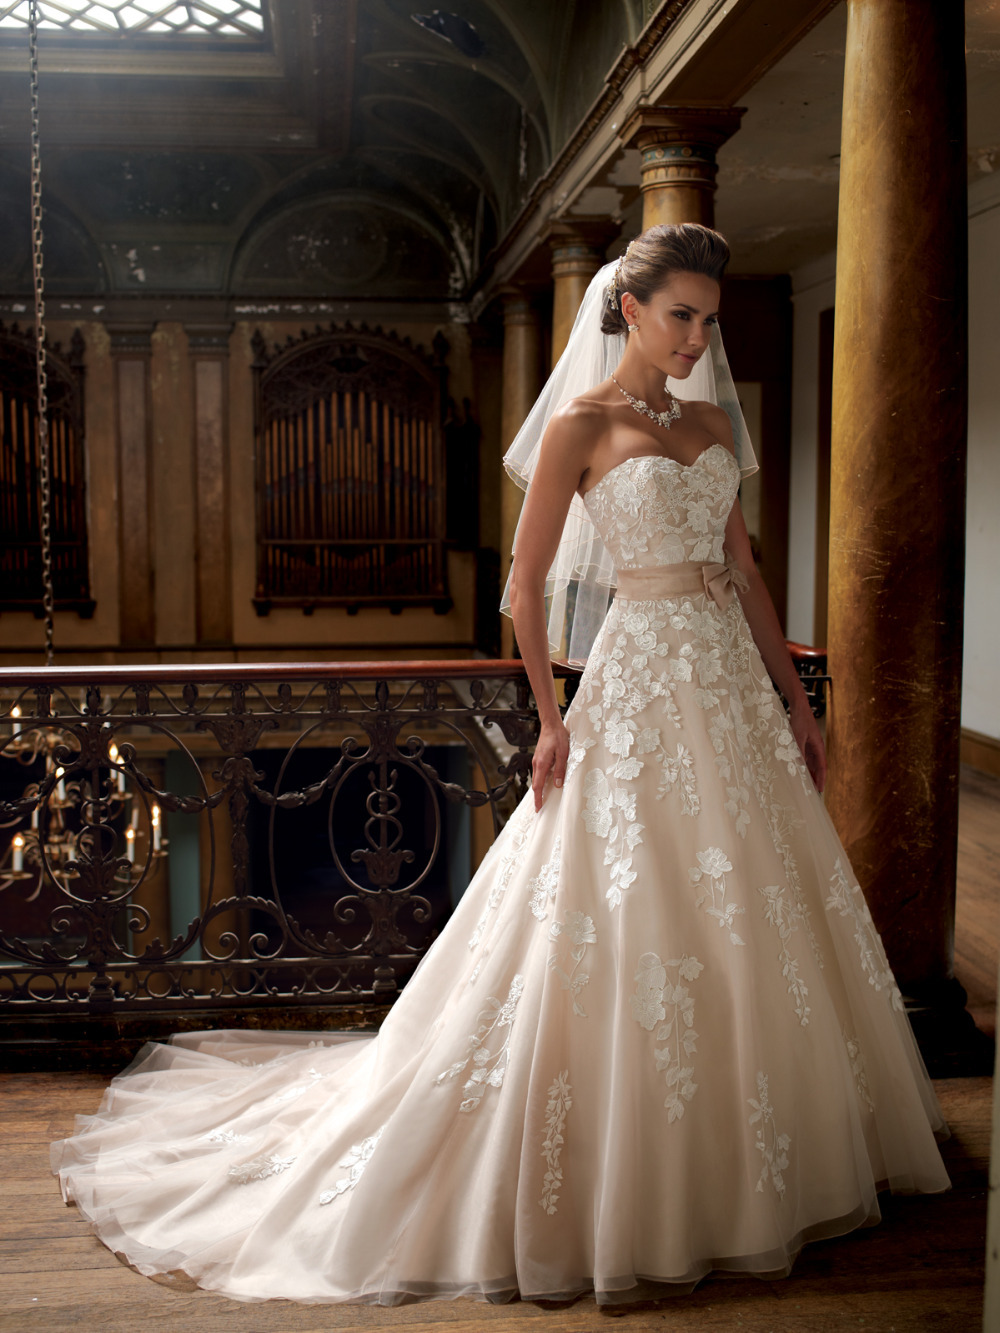 Vintage Wedding Dress Beige Gowns Applique Organza Bride